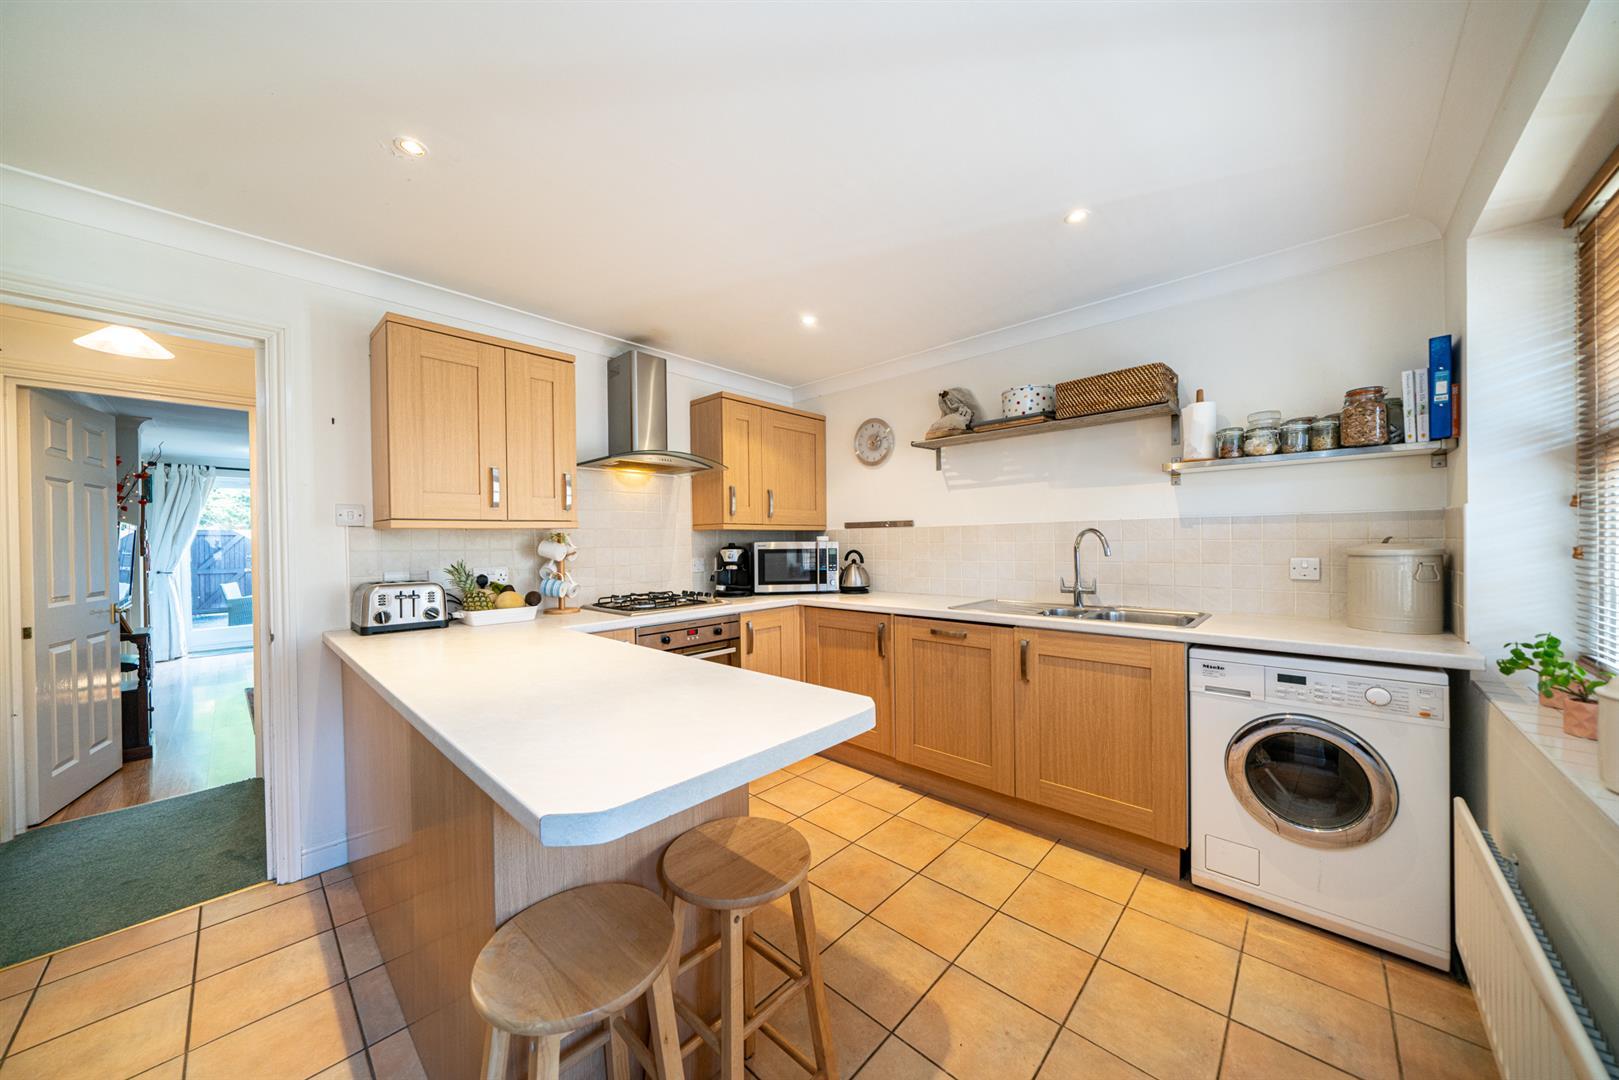 46-Cross-Oak-Road-1006 - kitchen.jpg